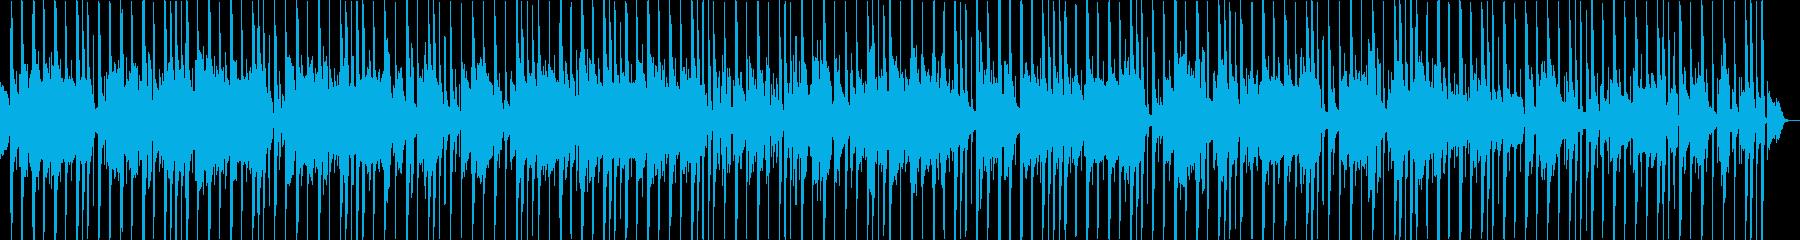 【ヒップホップ】哀愁感あるサウンドの再生済みの波形